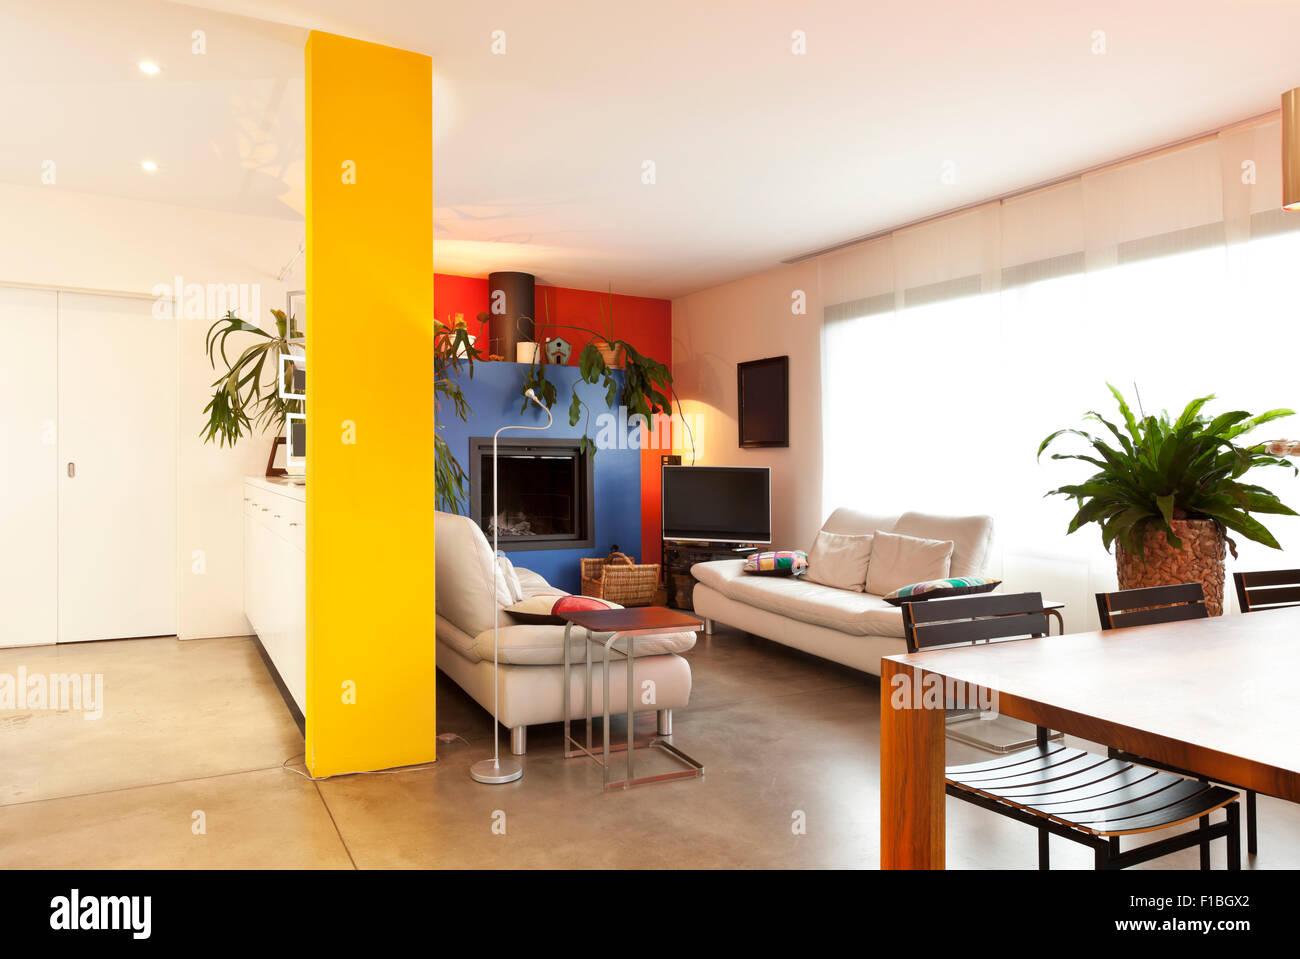 Komfortable, Moderne Wohnung, Halle Aussicht, Wohnzimmer Hintergrund